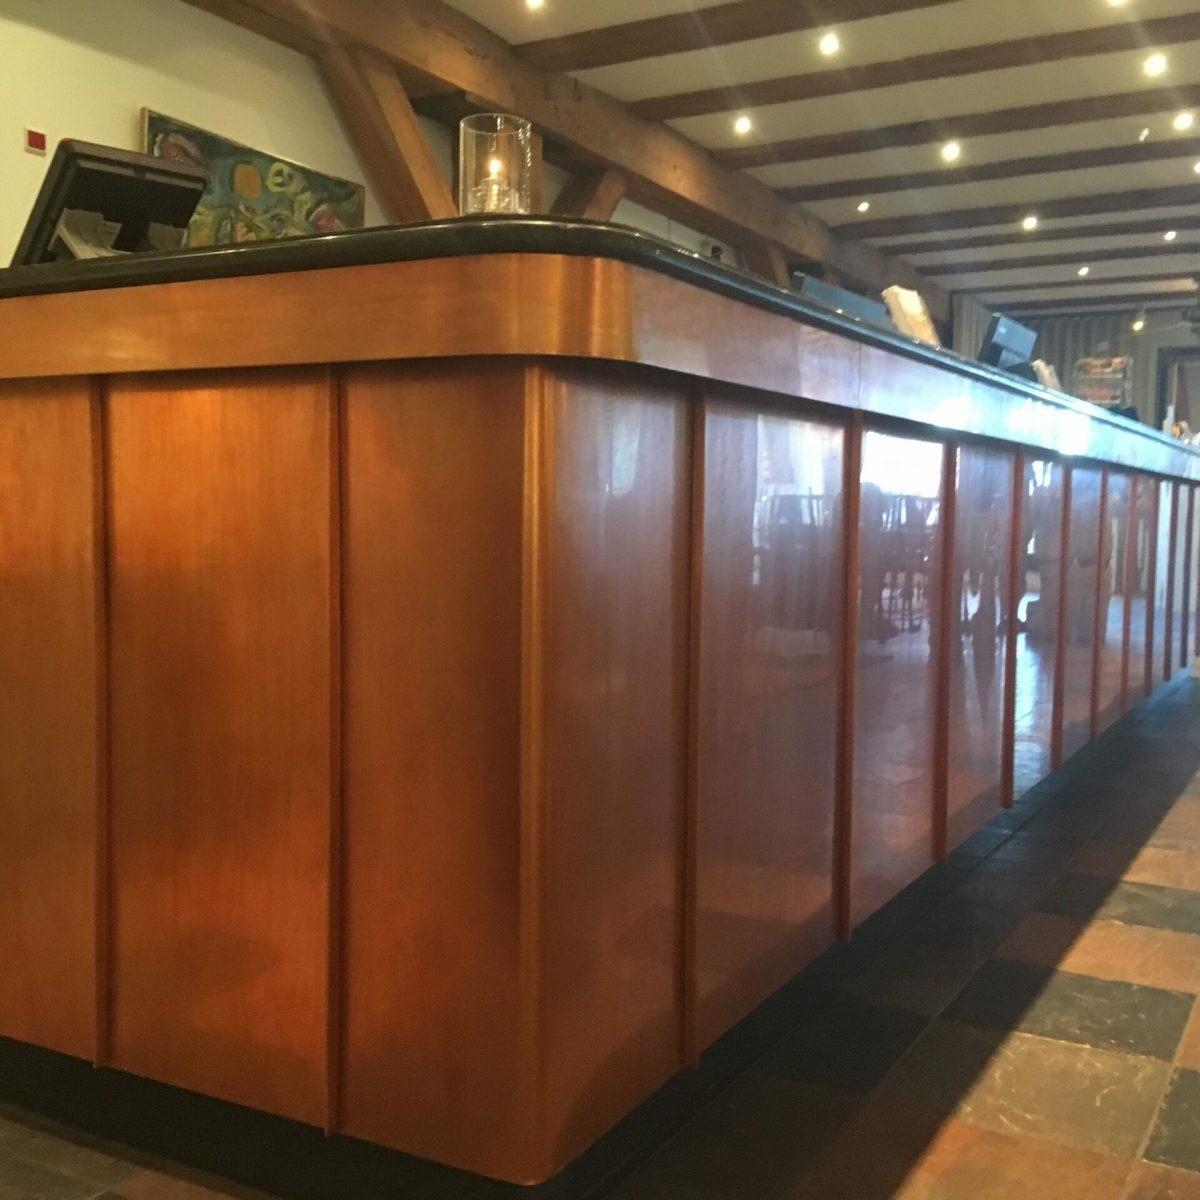 Reception desk in copper